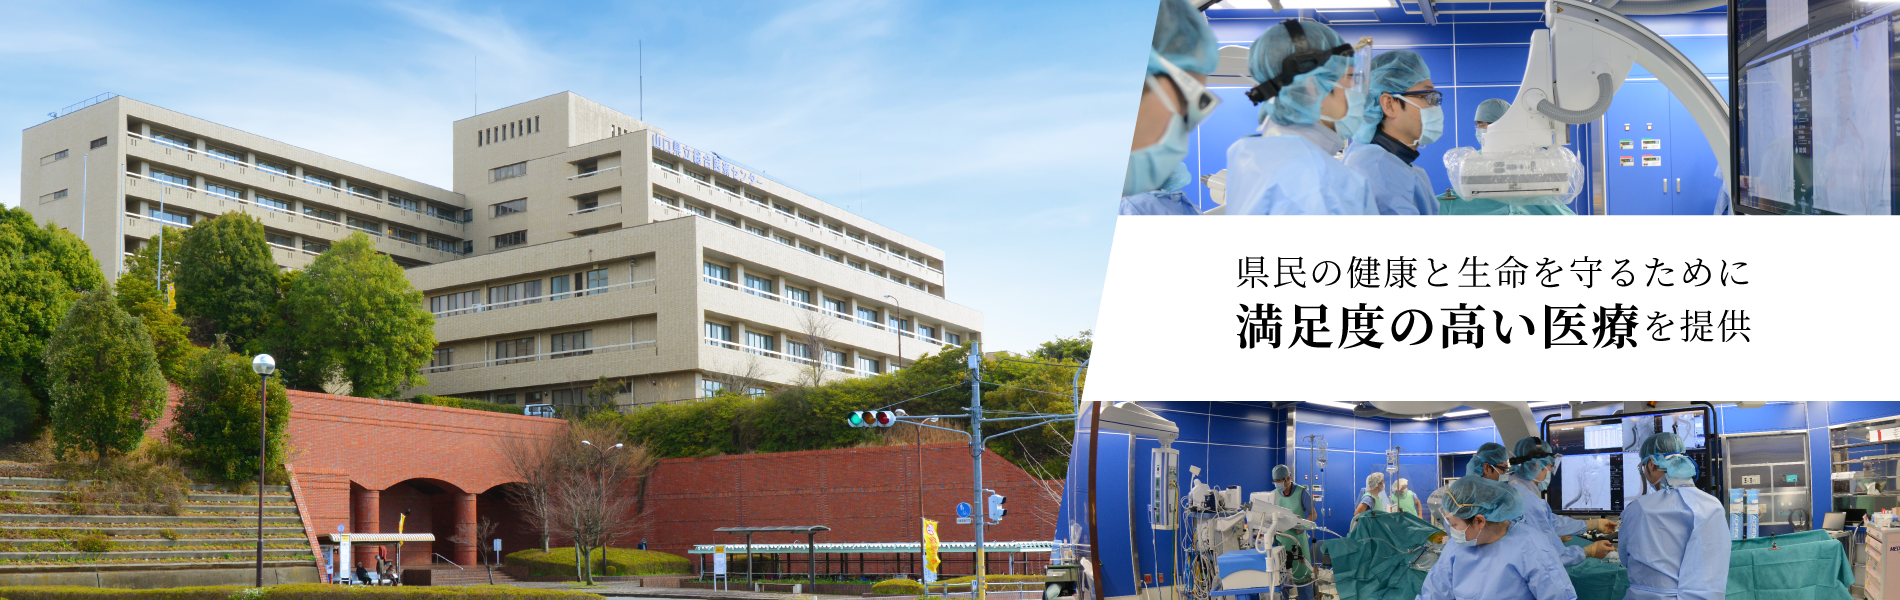 県民の健康と生命を守るために満足度の高い医療を提供します。